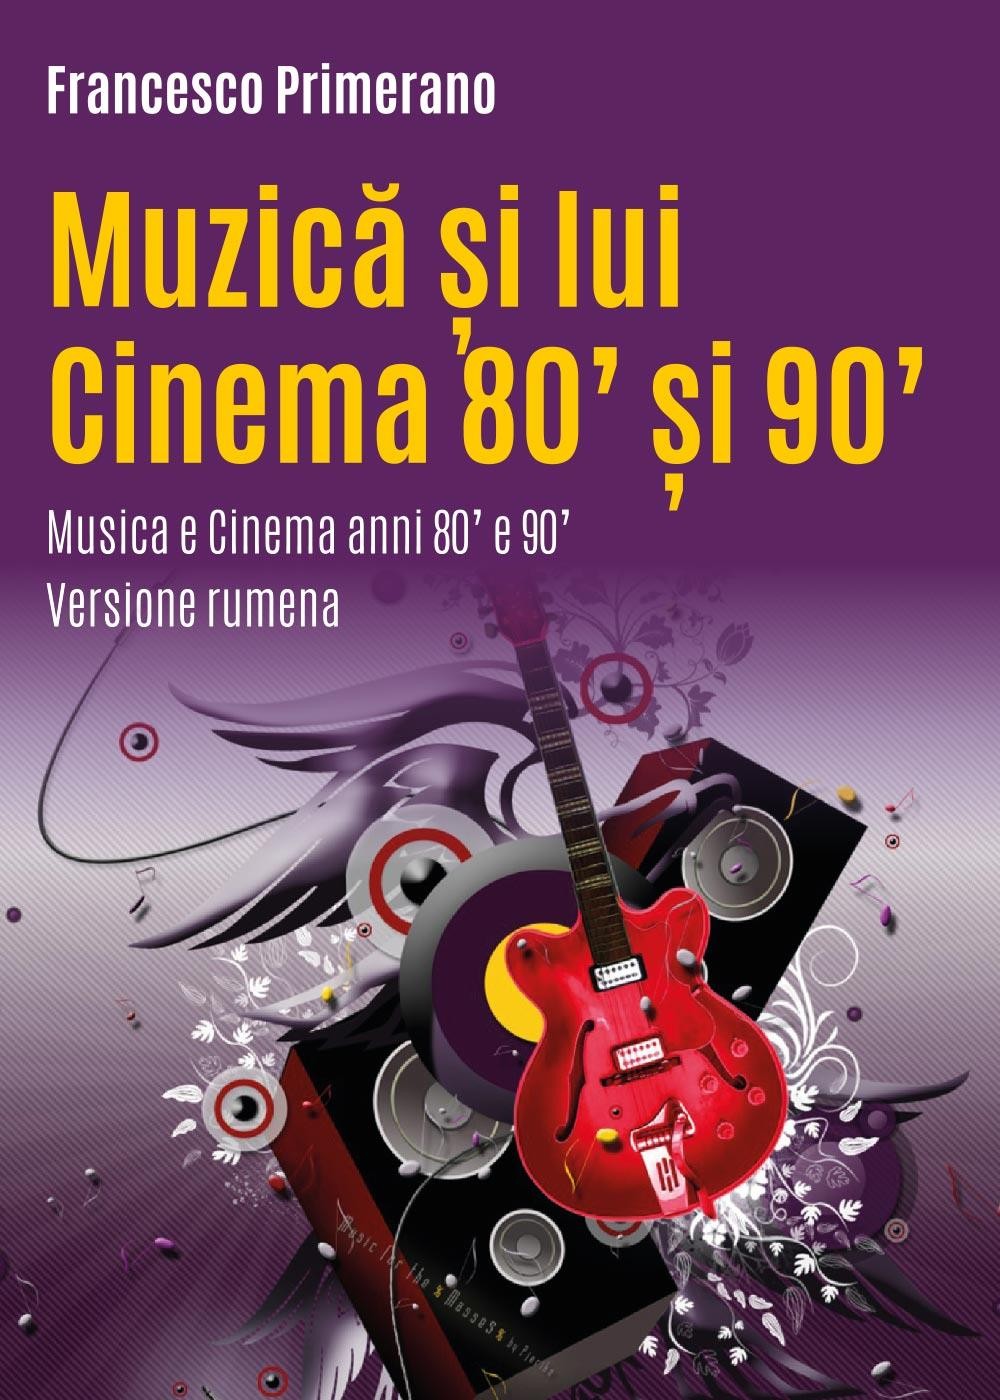 Musica e Cinema anni 80' e 90' (versione rumena)